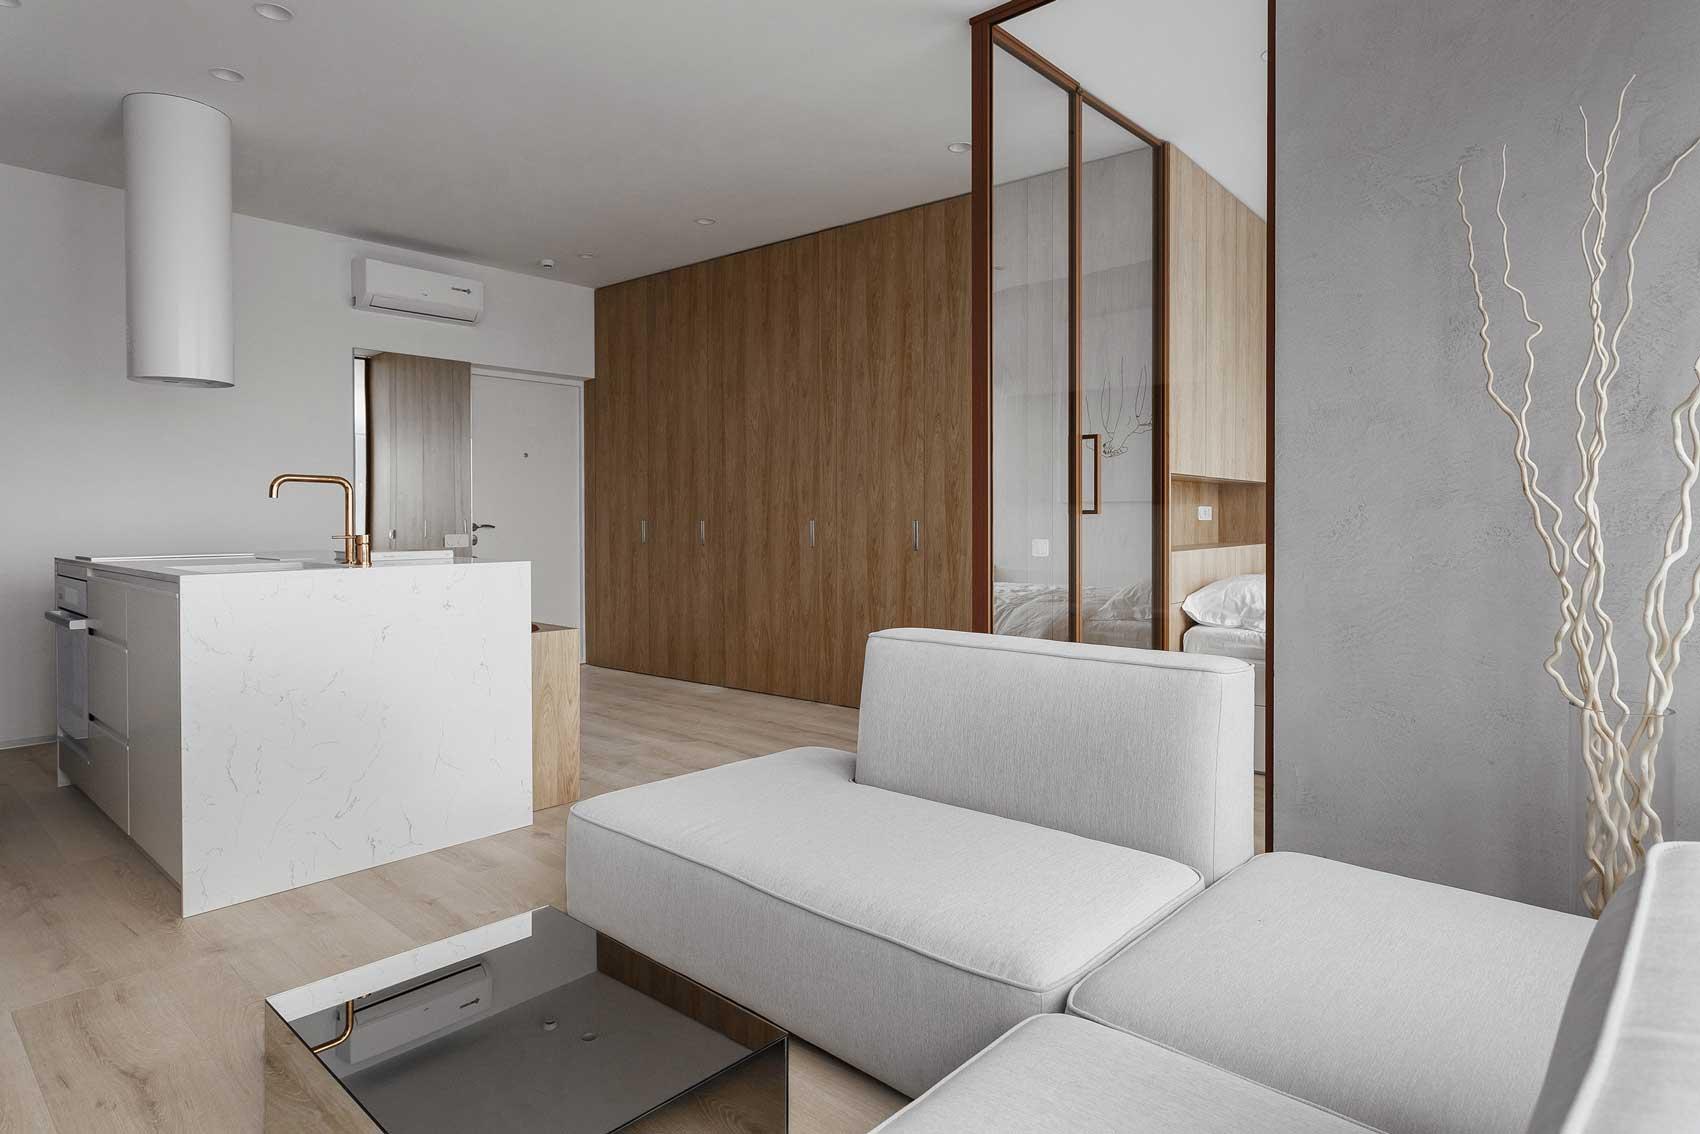 Un studio fonctionnel en blanc et en bois blond avec une verrière qui isole l'espace chambre